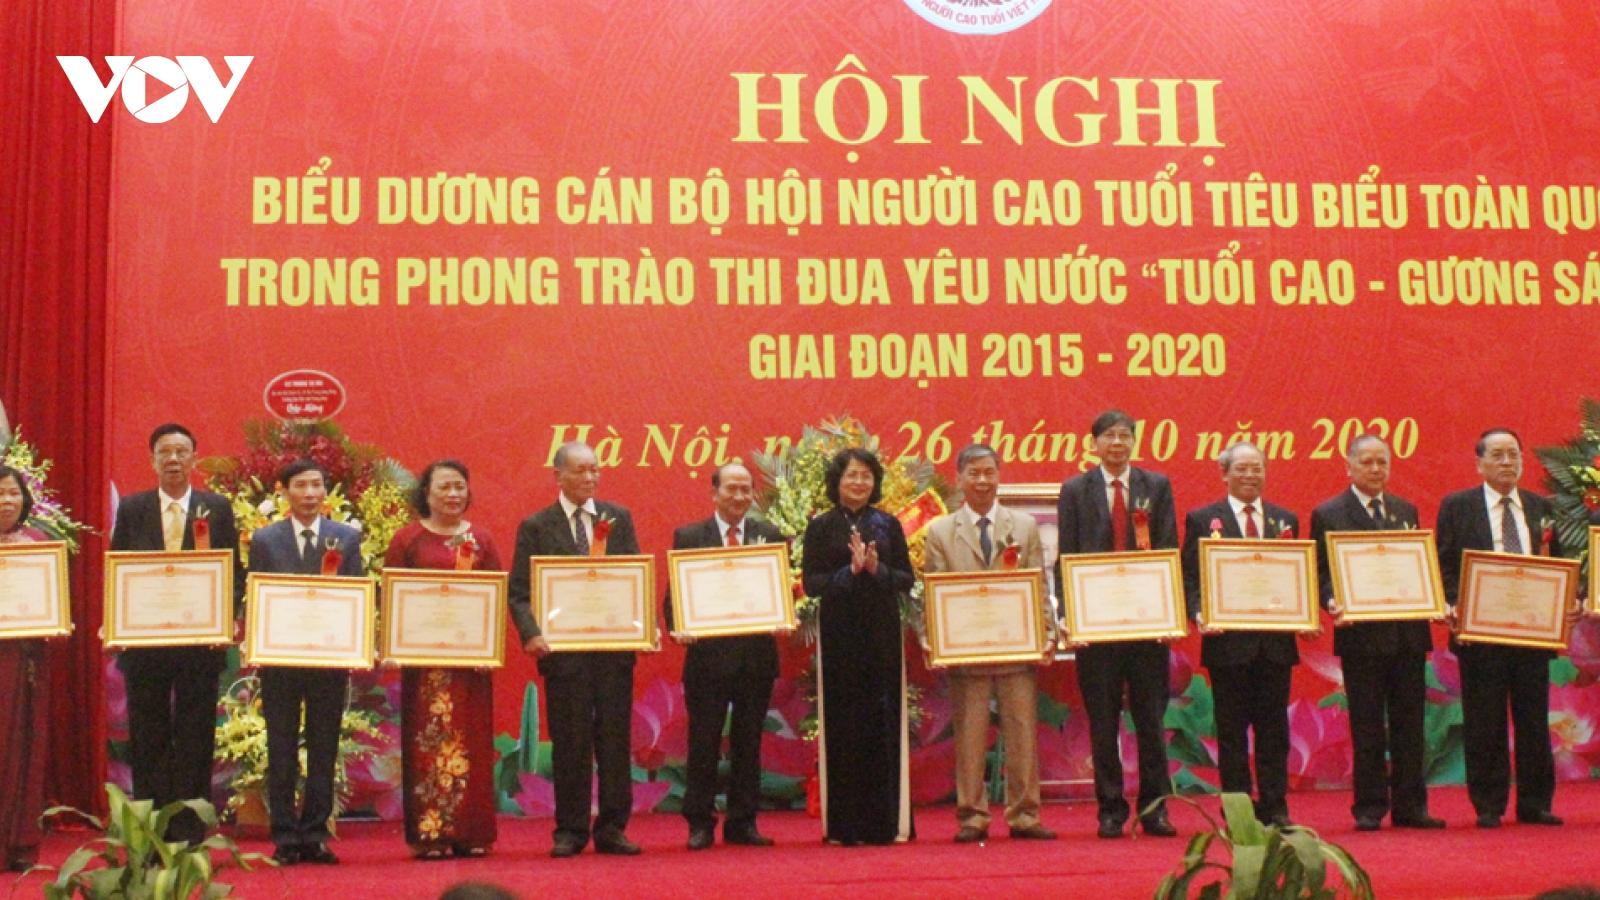 13 cán bộ Hội Người cao tuổi tiêu biểu nhận Bằng khen của Thủ tướng